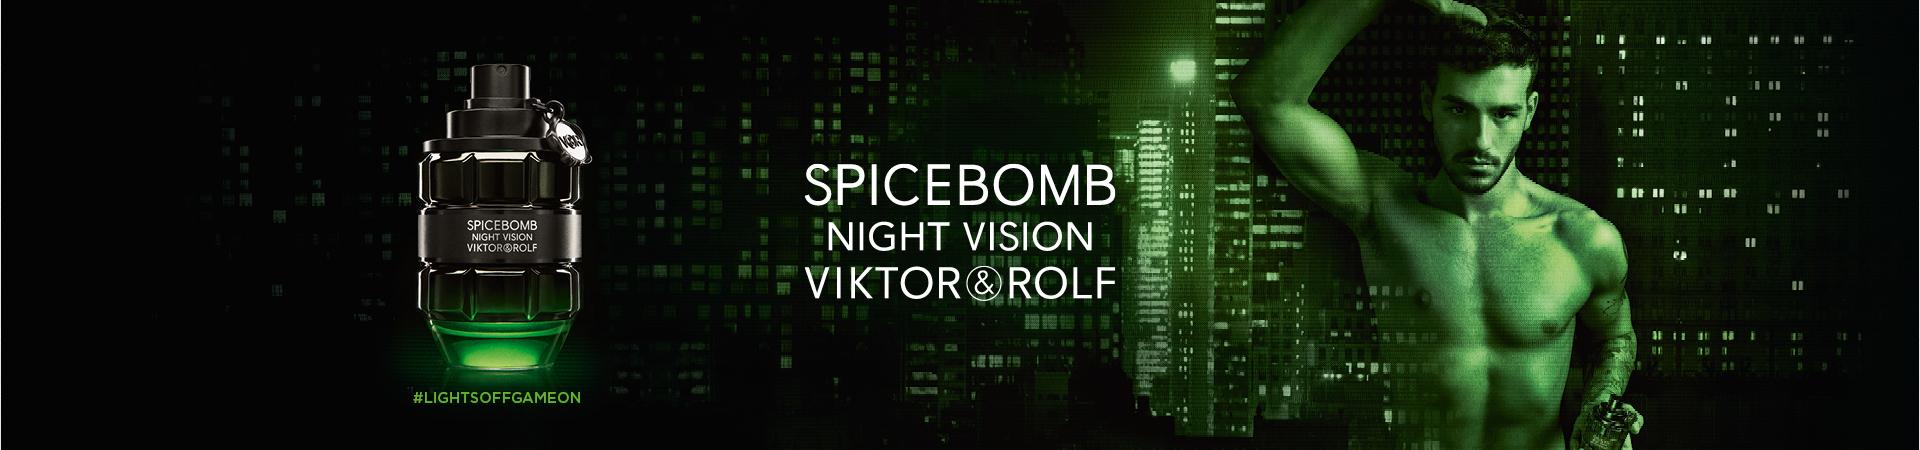 Spicebomb